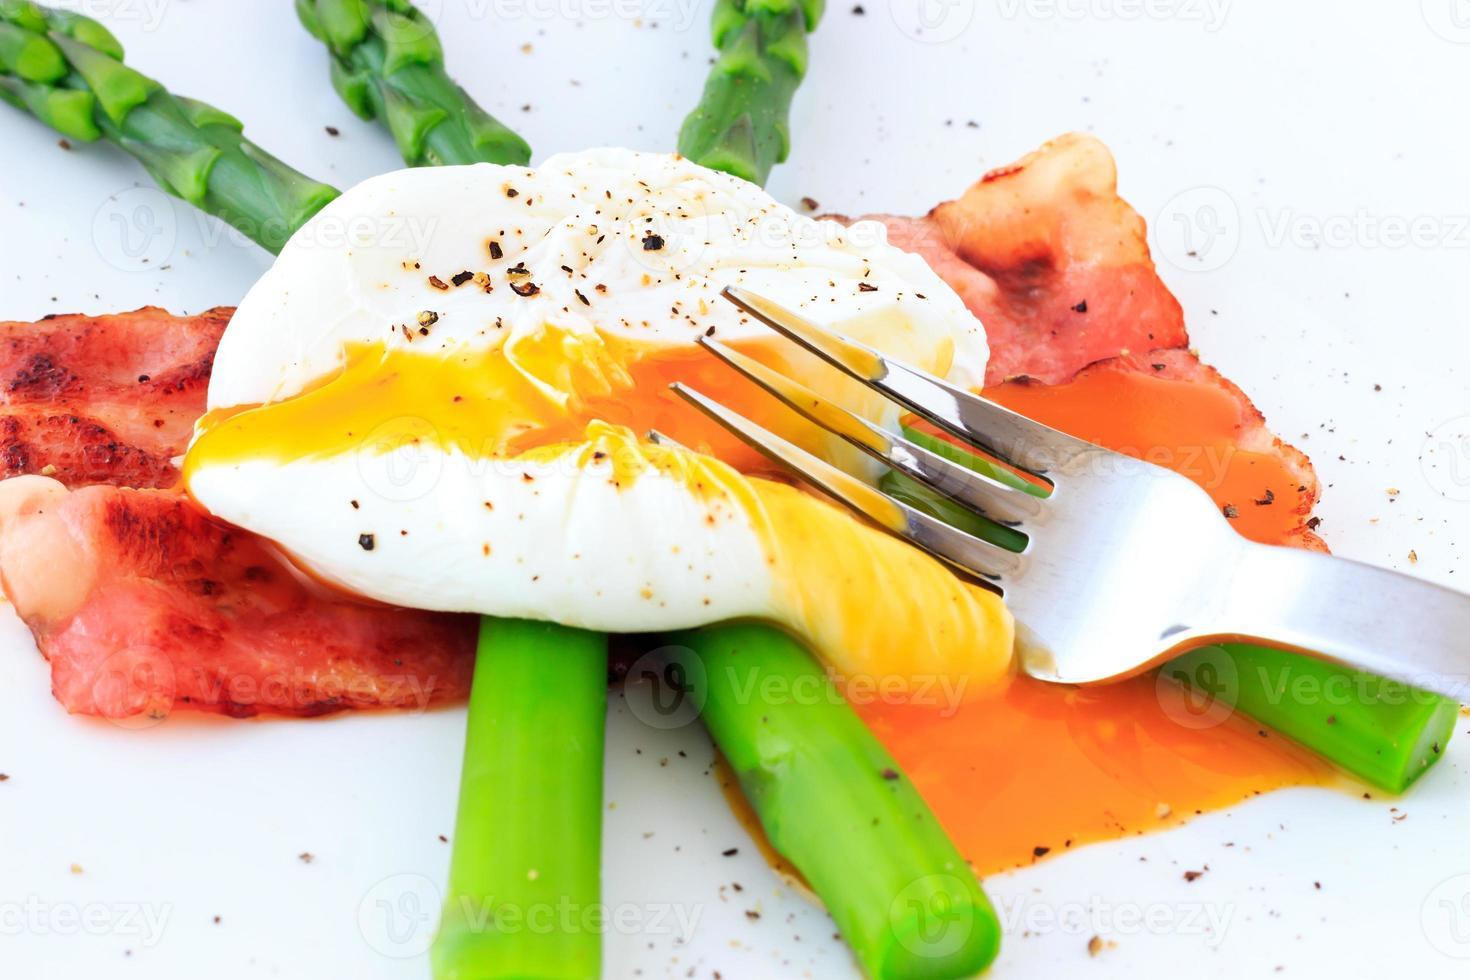 huevo escalfado sobre espárragos verdes foto